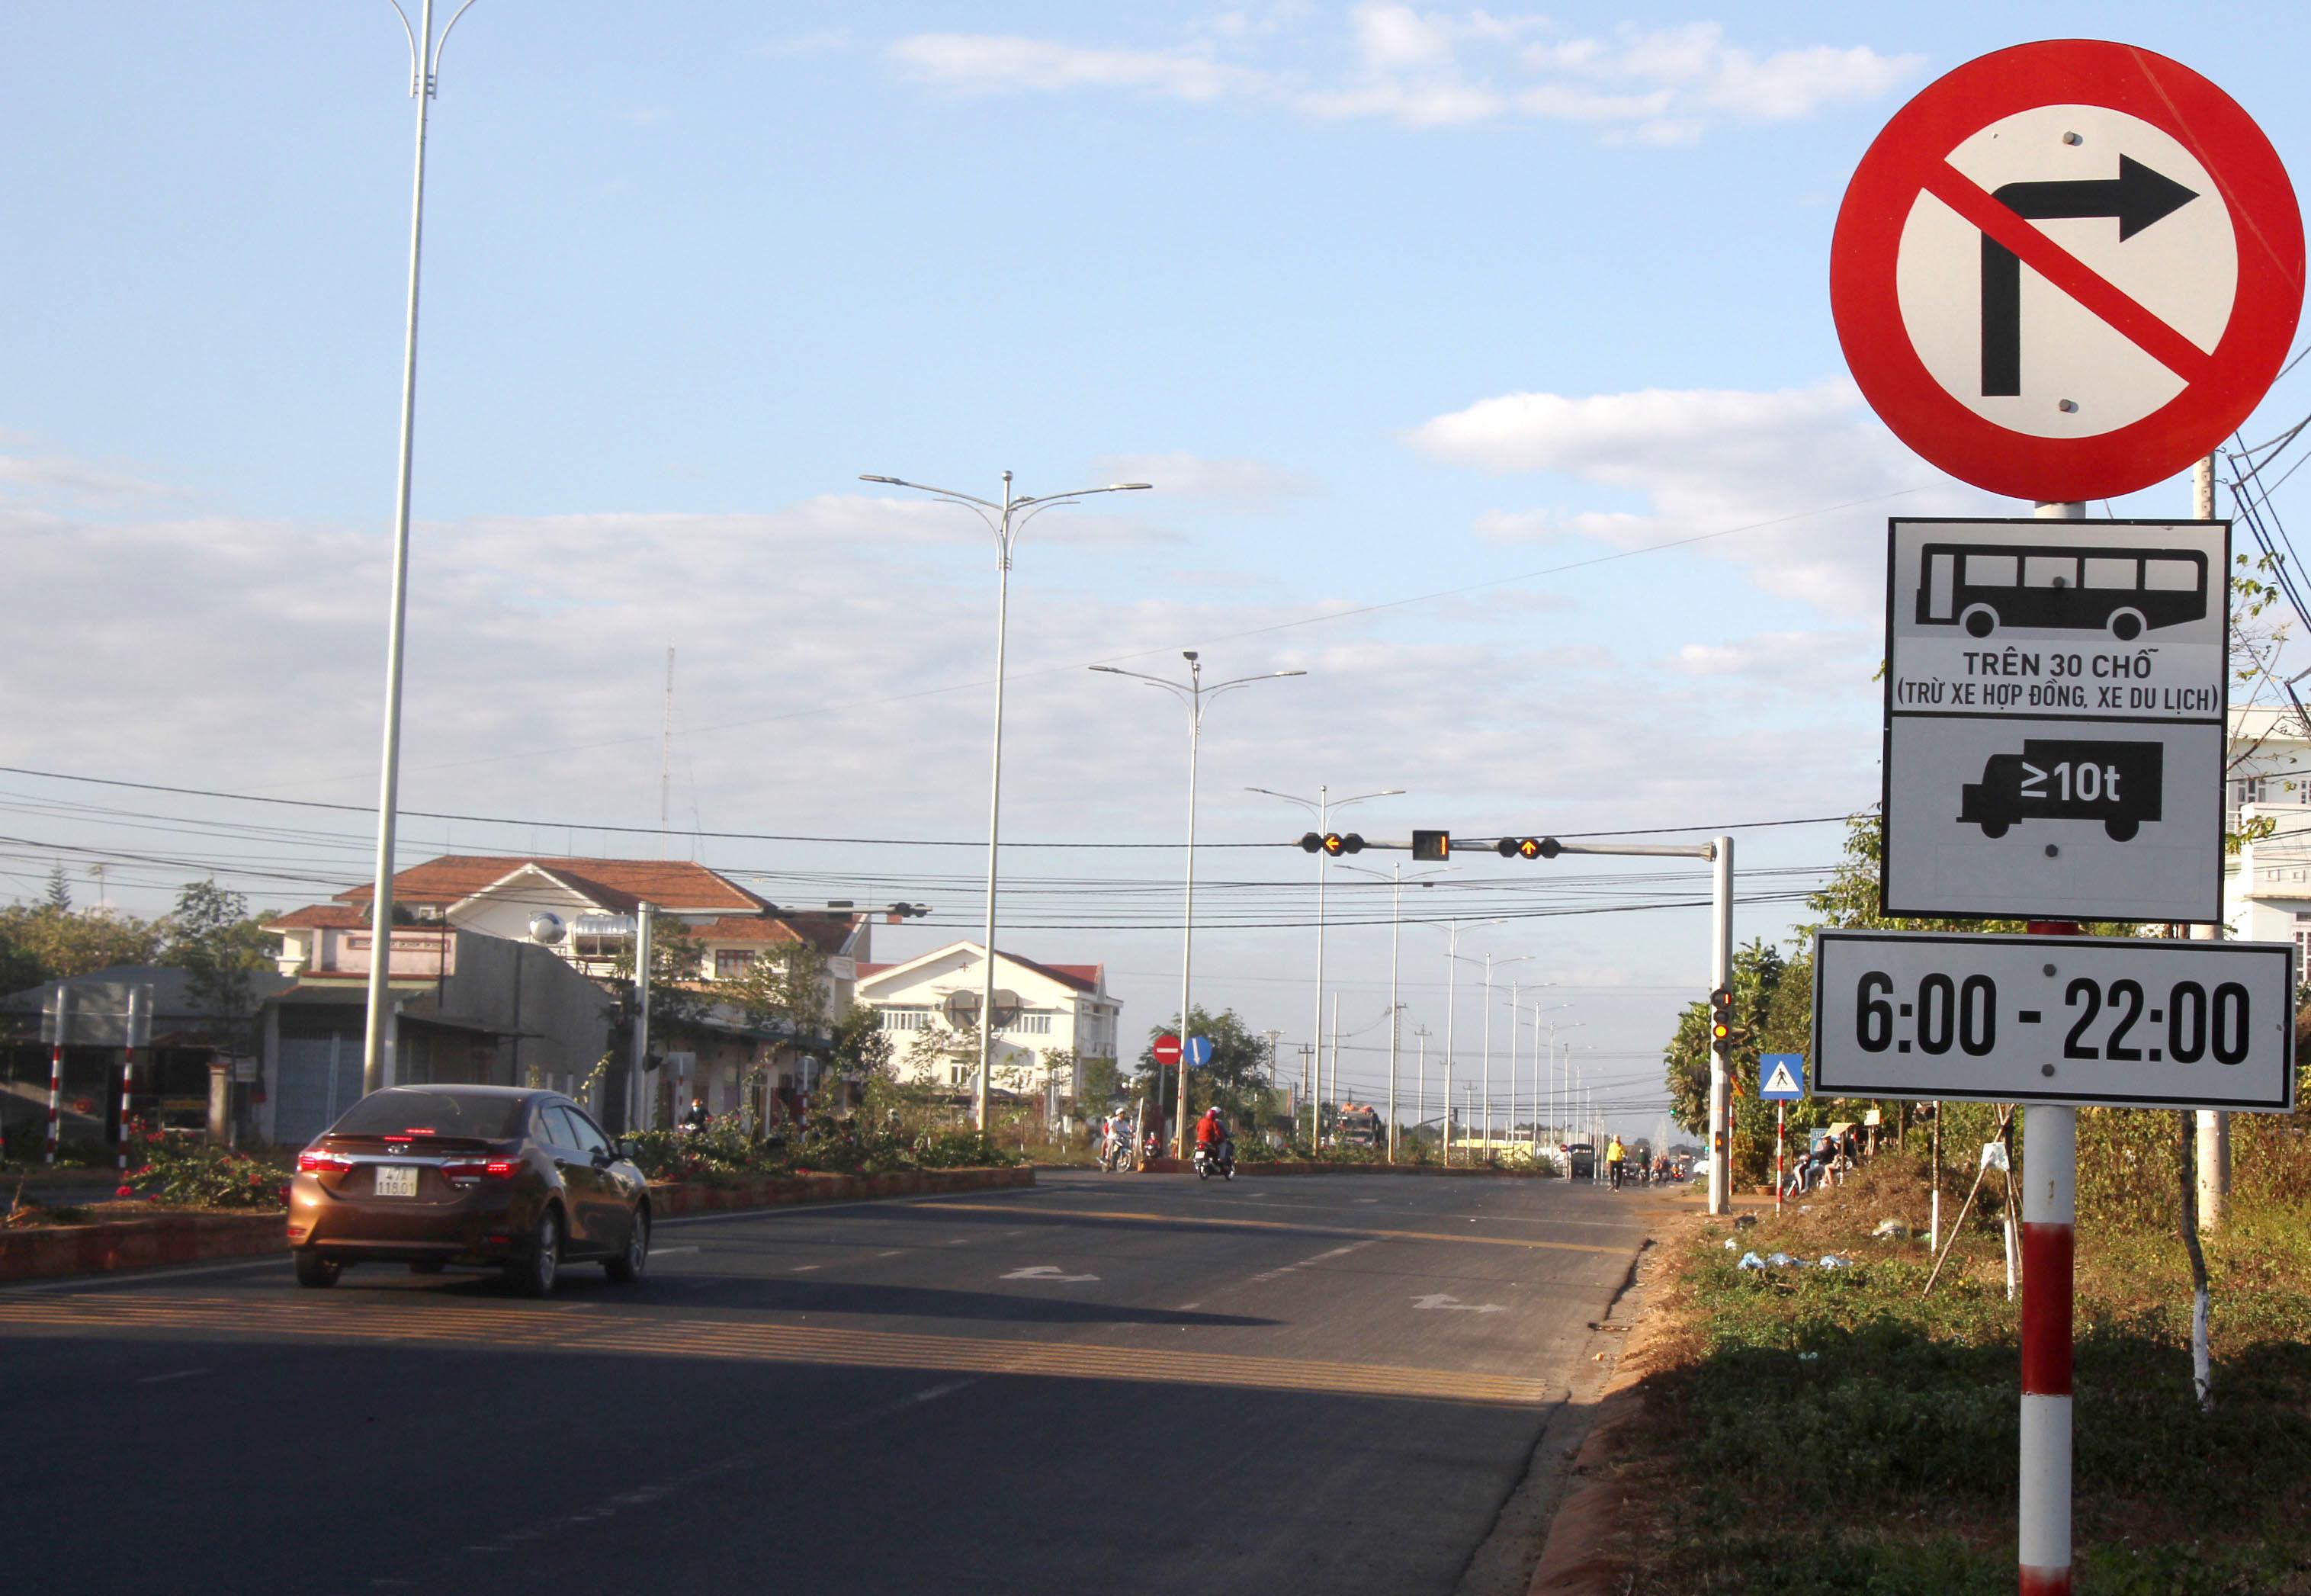 Quy định khung giờ cao điểm về hoạt động vận tải trên địa bàn TP Buôn Ma Thuột